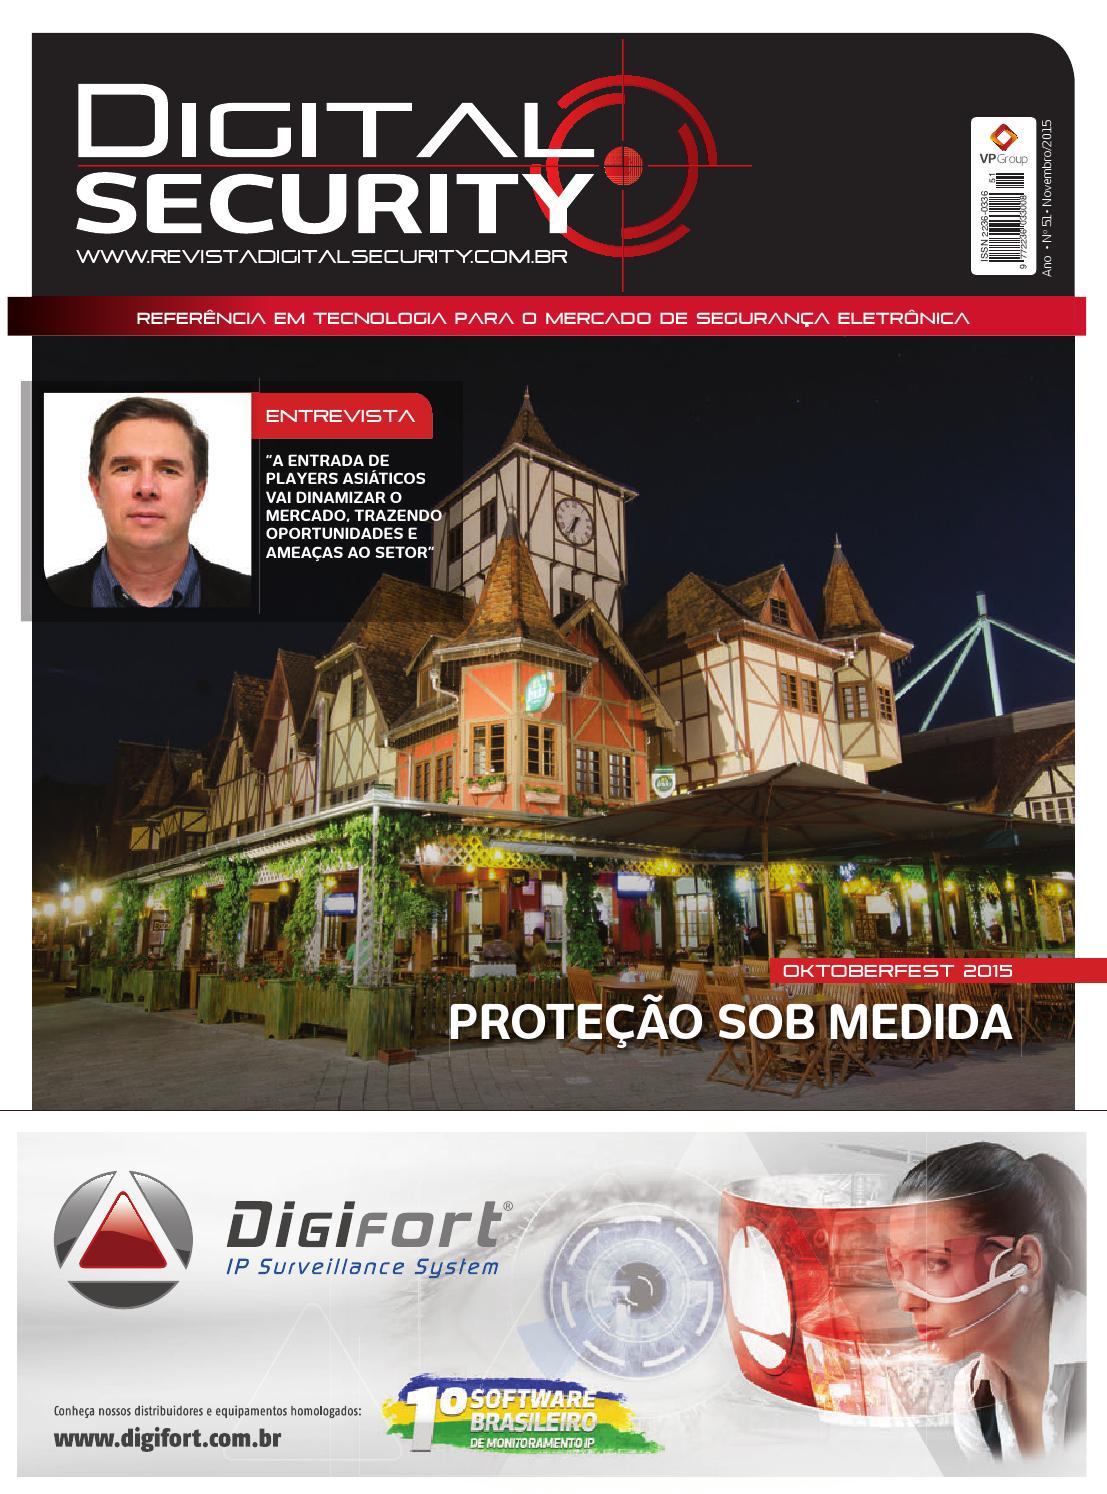 Digital Security 51 - Novembro de 2015 by VP Group - issuu c0ba7638e2